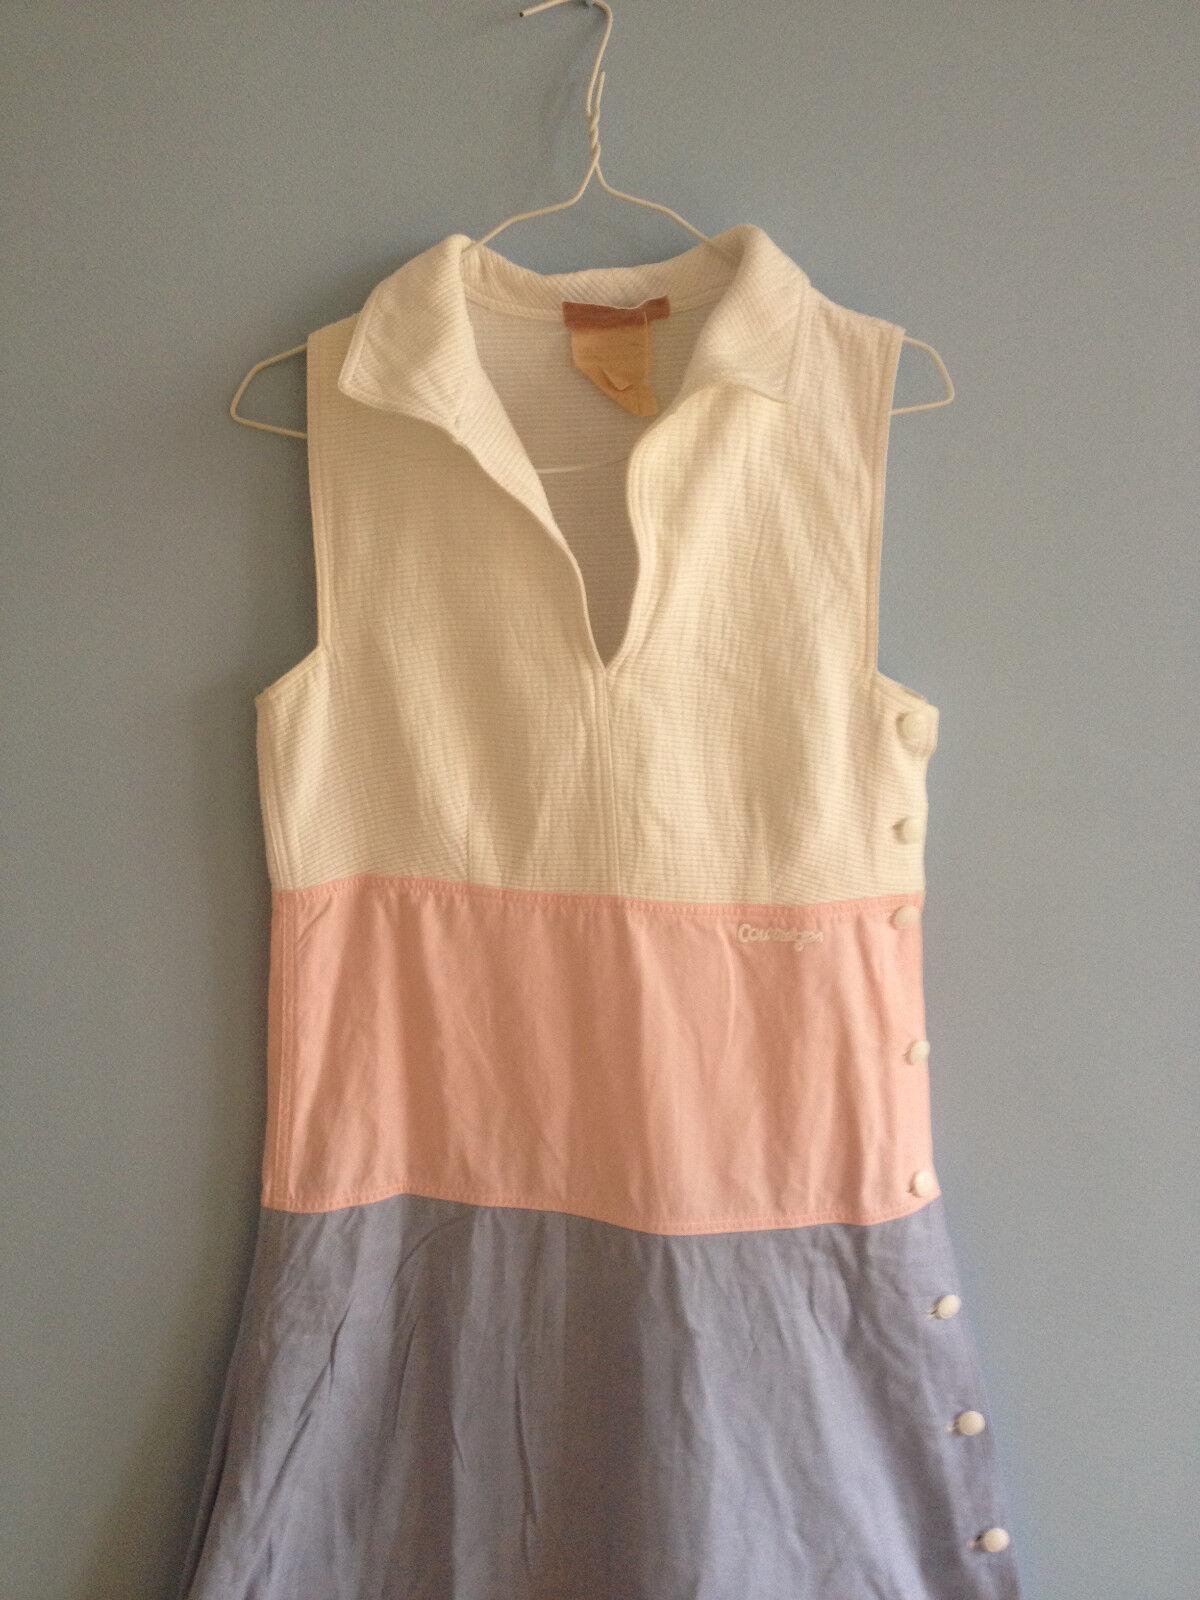 Rare robe courrÈges vintage 34